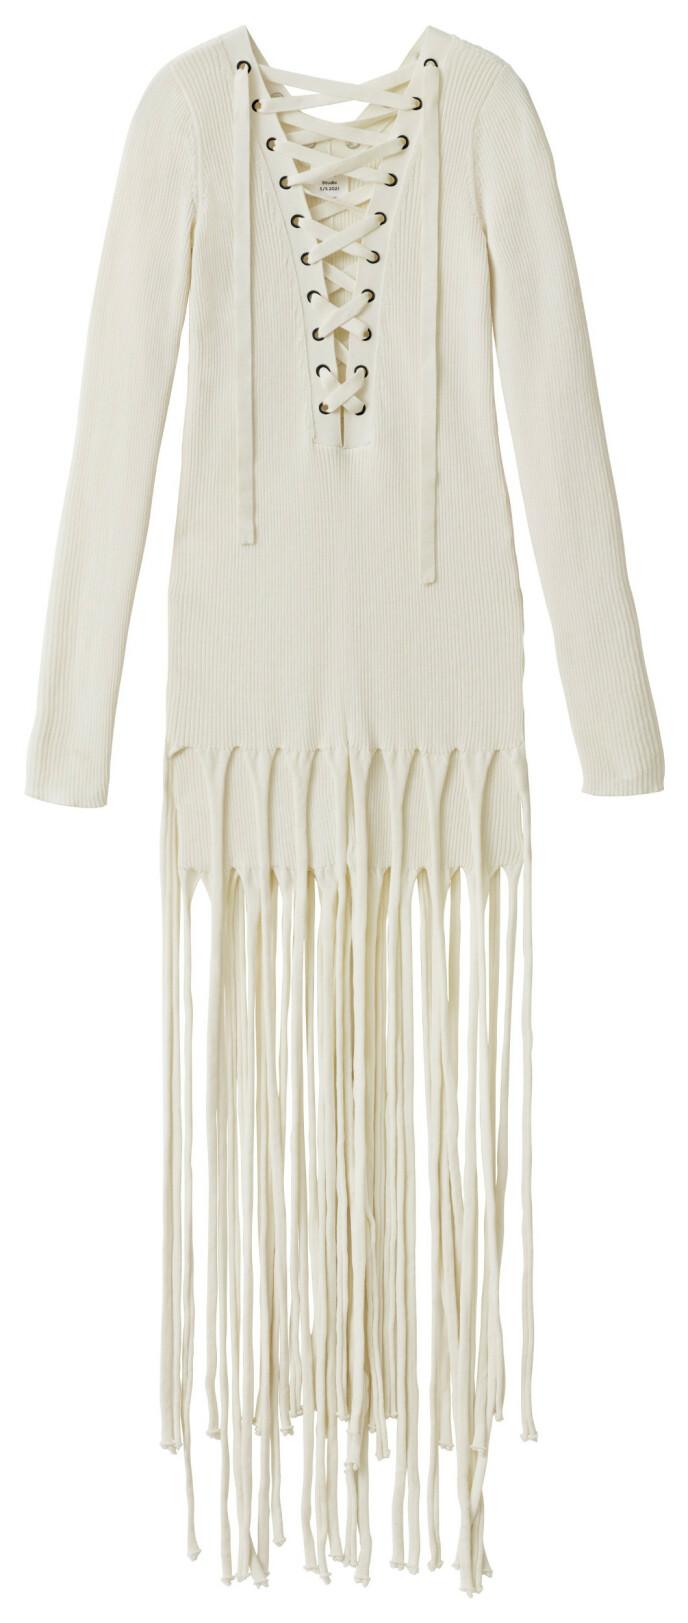 Kjole med frynser (kr 1000, H&M Studio).